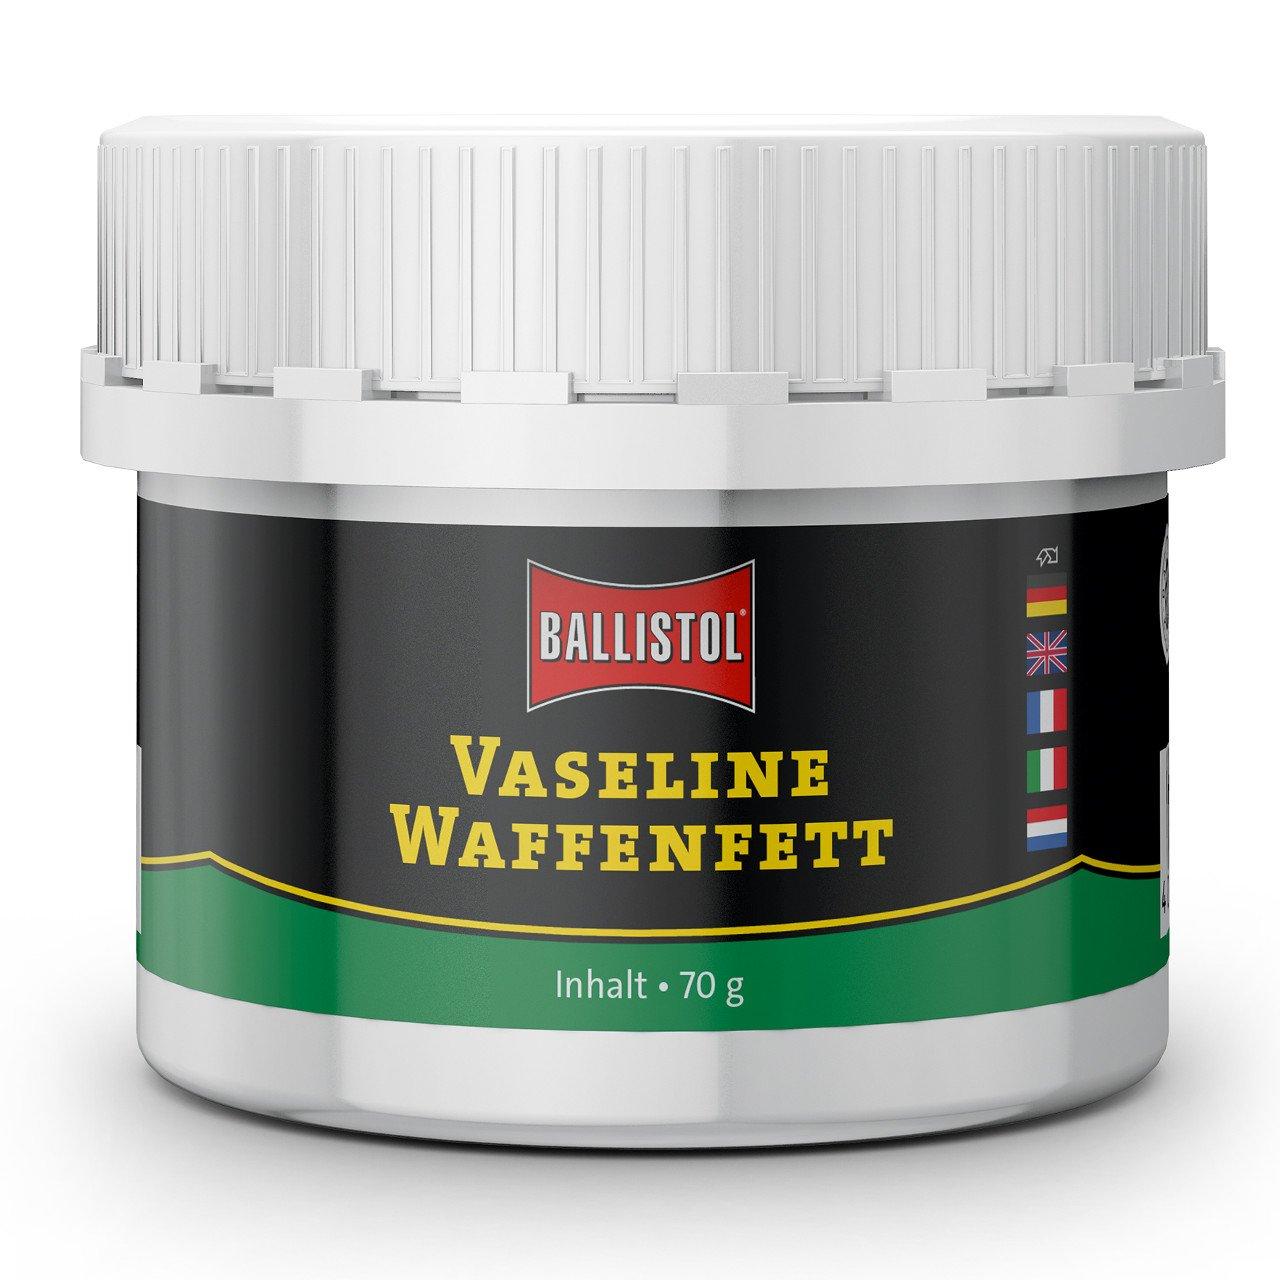 Ballistol Arma Cuidado Vaseline Arma Grasa de Larga duració n Grasa Grasa lubricante 70 g 23699